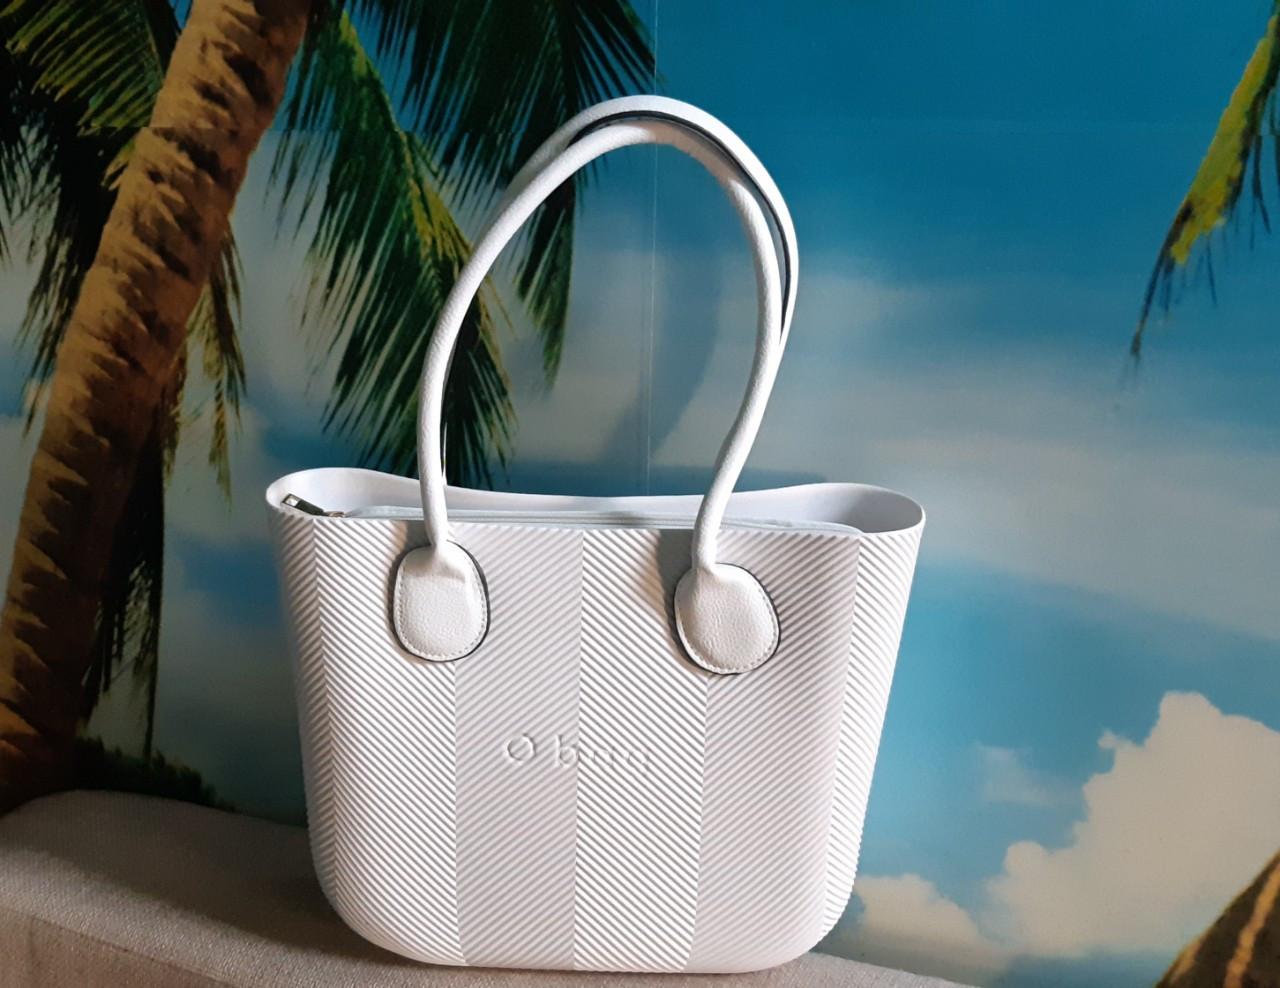 Женская сумка O bag mini в белом  переплете корпуса